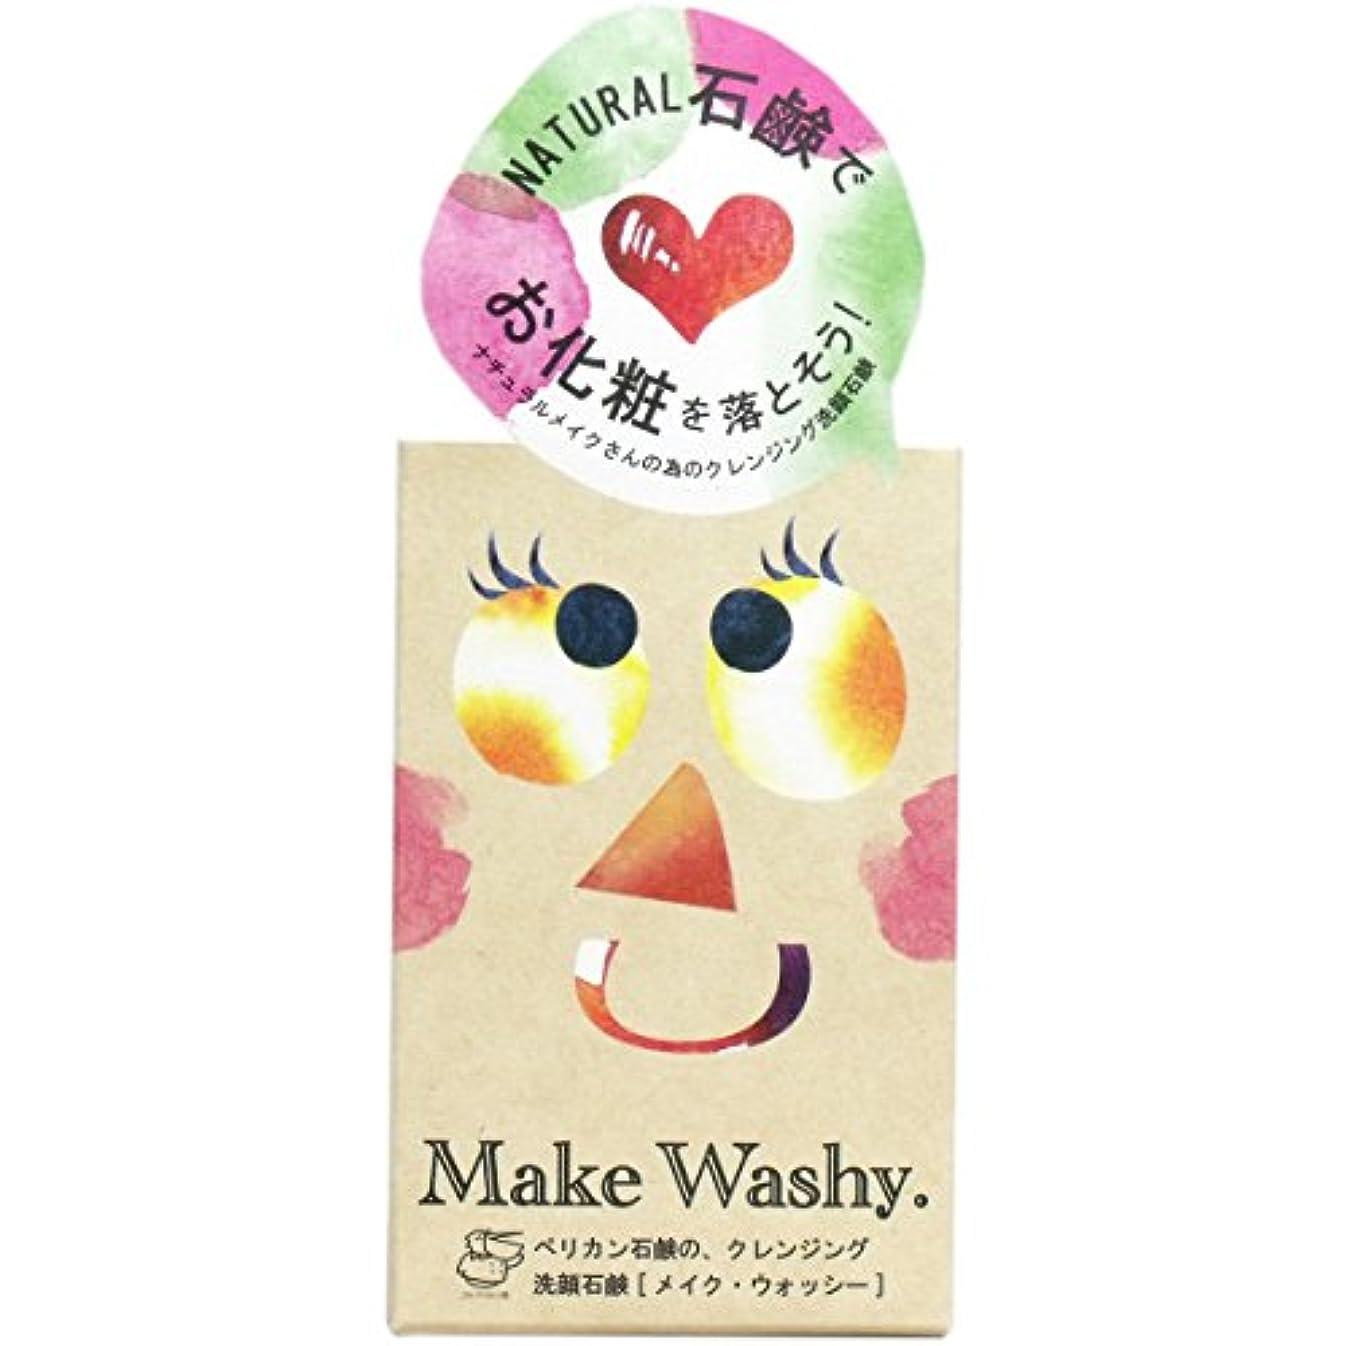 接尾辞クマノミ相談メイクウォッシー 洗顔石鹸 × 3個セット